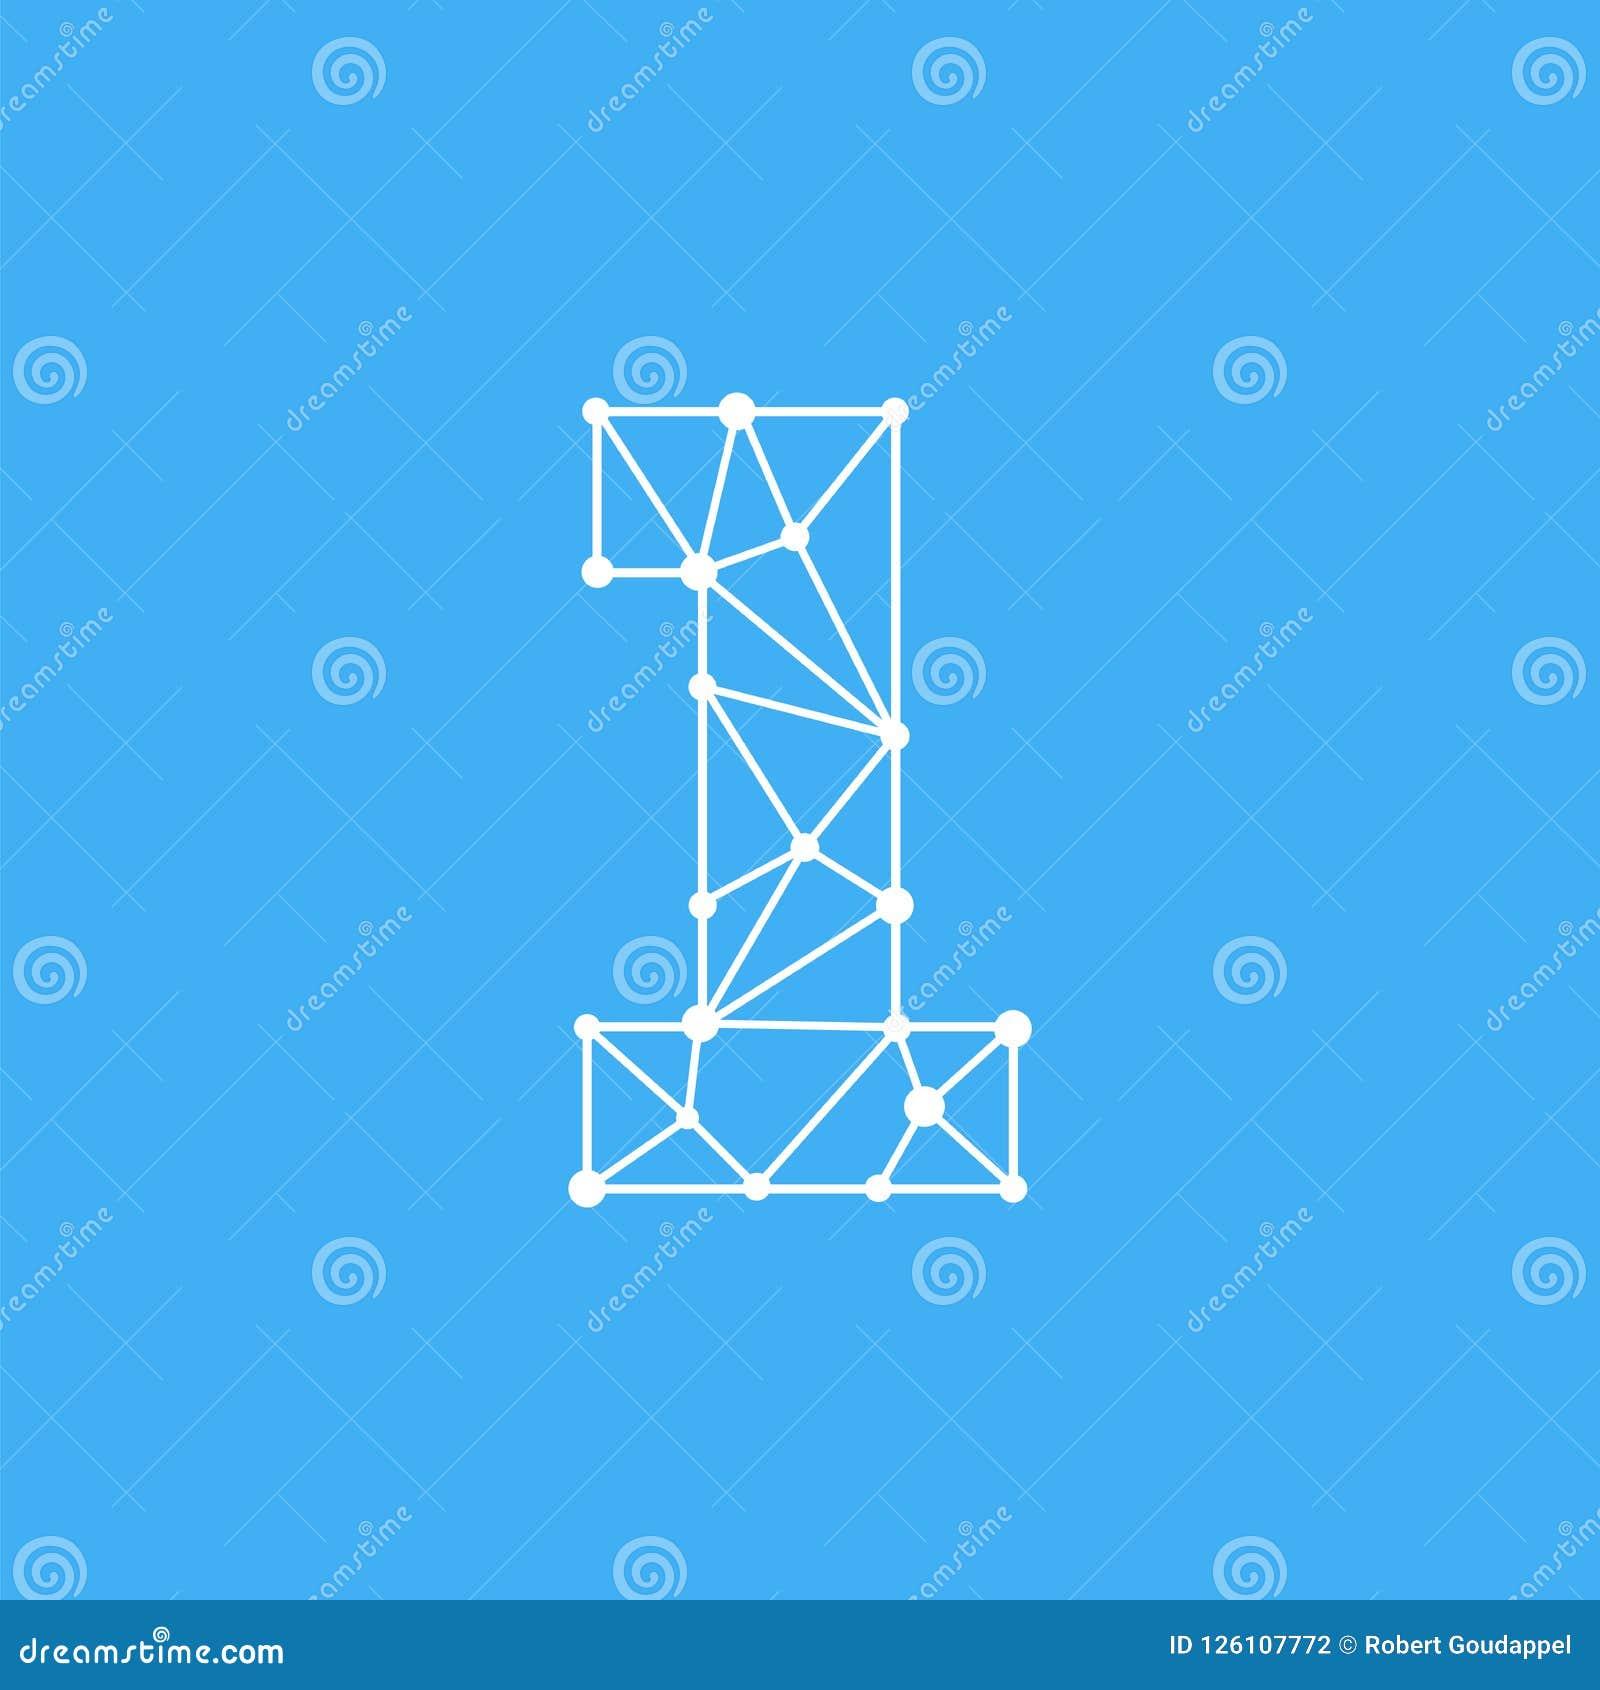 Vektor Logo Number 1 Dots Lines